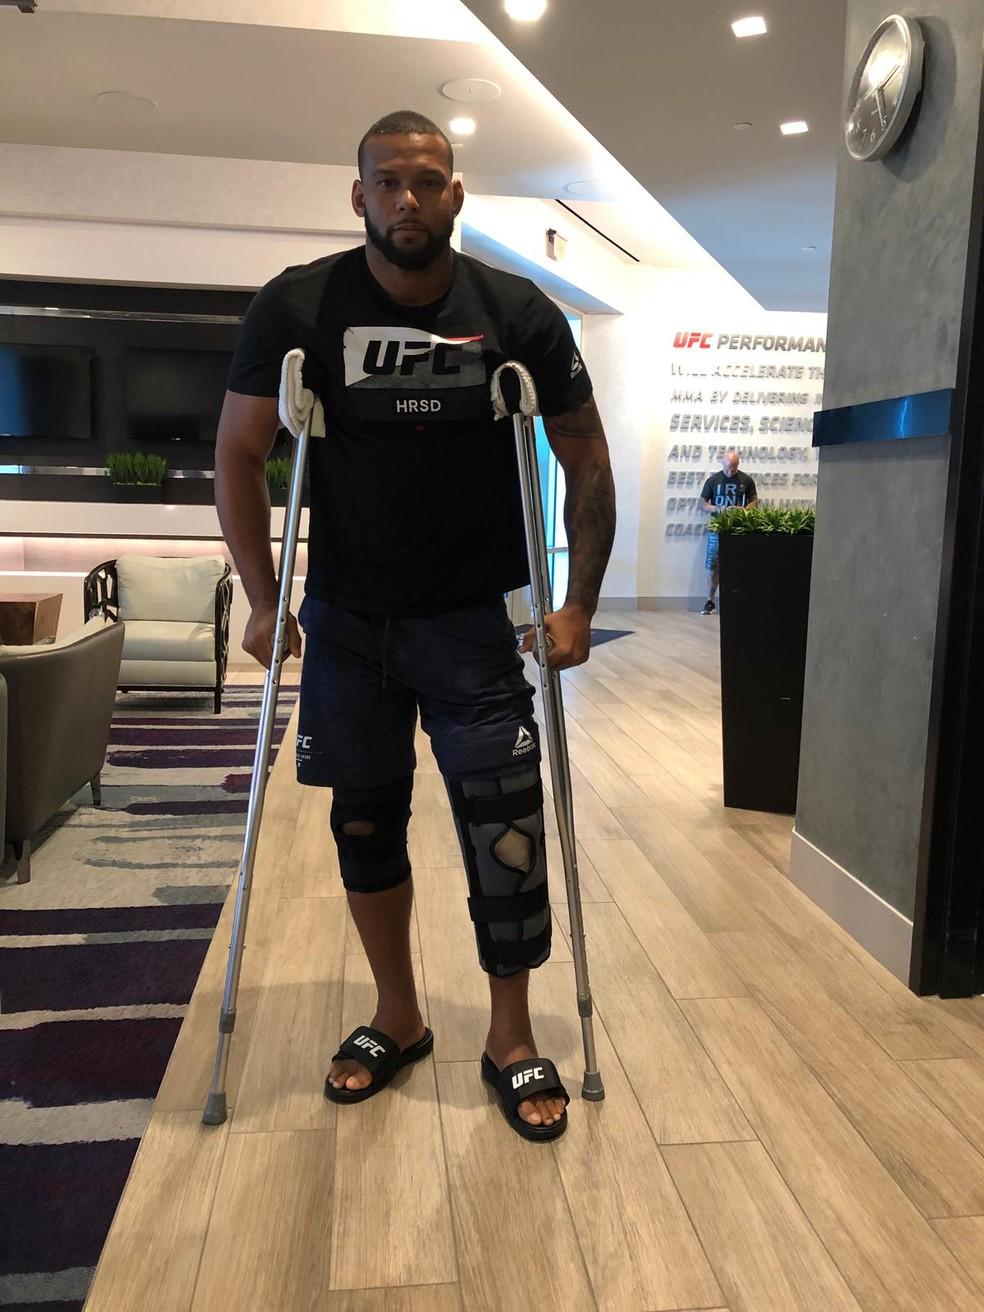 Com o joelho esquerdo imobilizado e o joelho direito protegido, Thiago Marreta se locomove de muletas enquanto aguarda cirurgia — Foto: Evelyn Rodrigues